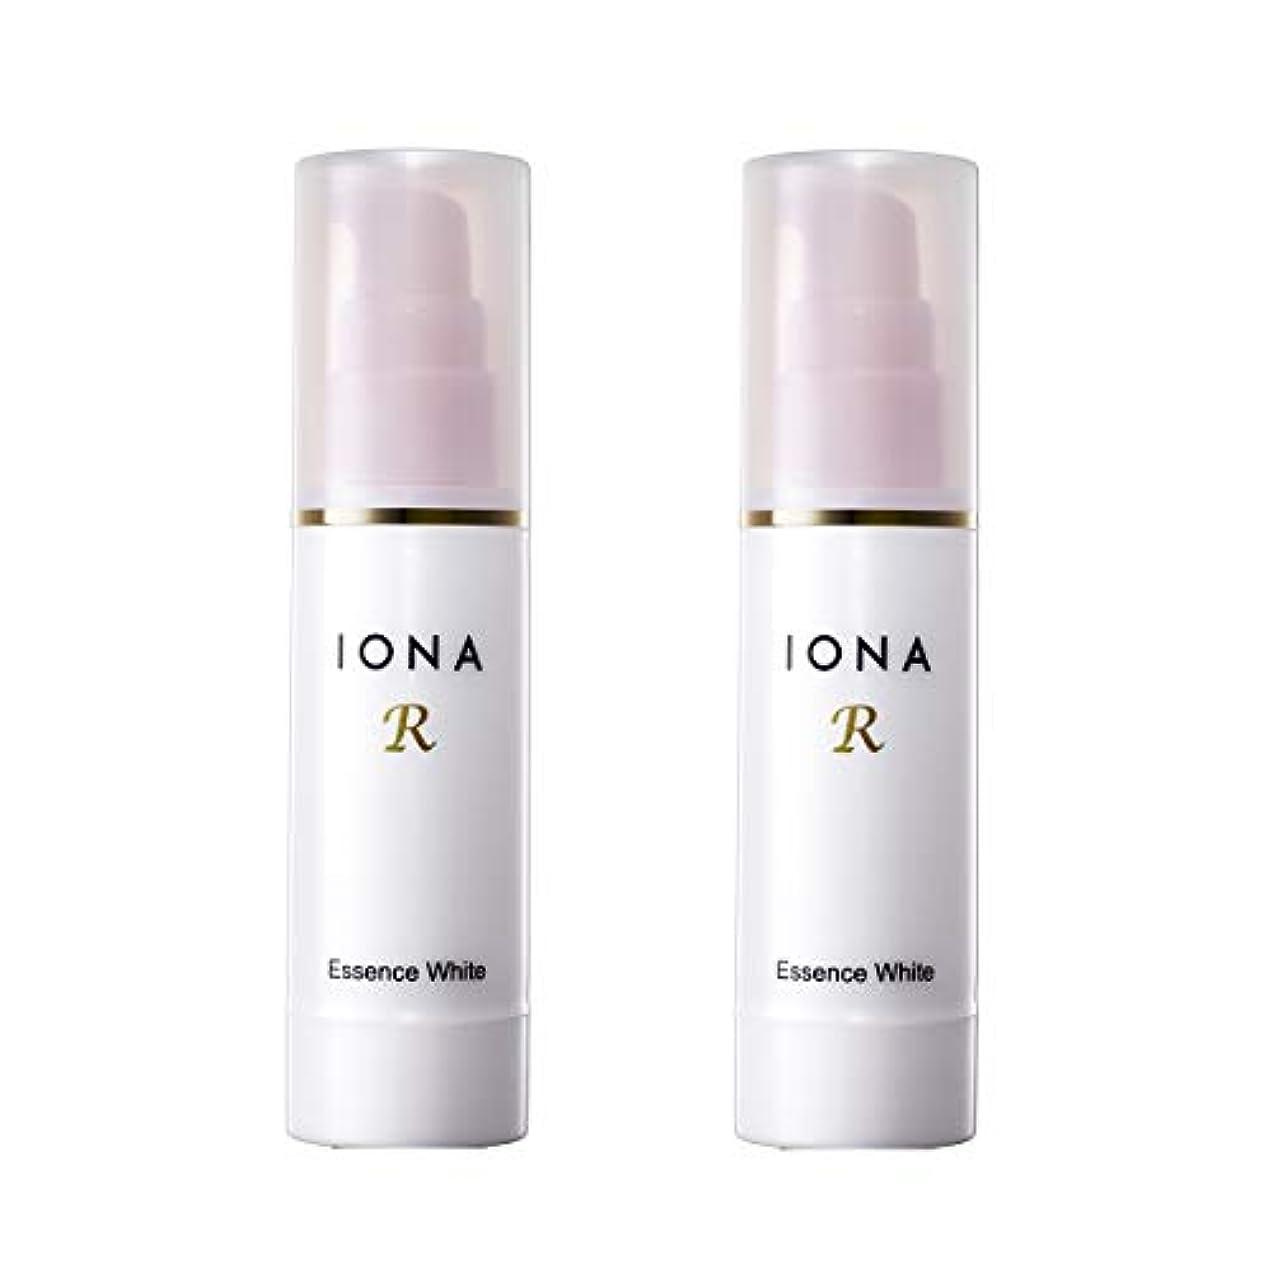 ボーダーキャビン代表するイオナR エッセンスホワイト 美容液 2個セット 【通常価格より20%OFF】高機能ビタミンC配合美容液 IONA R イオナアール イオナのビタミンC